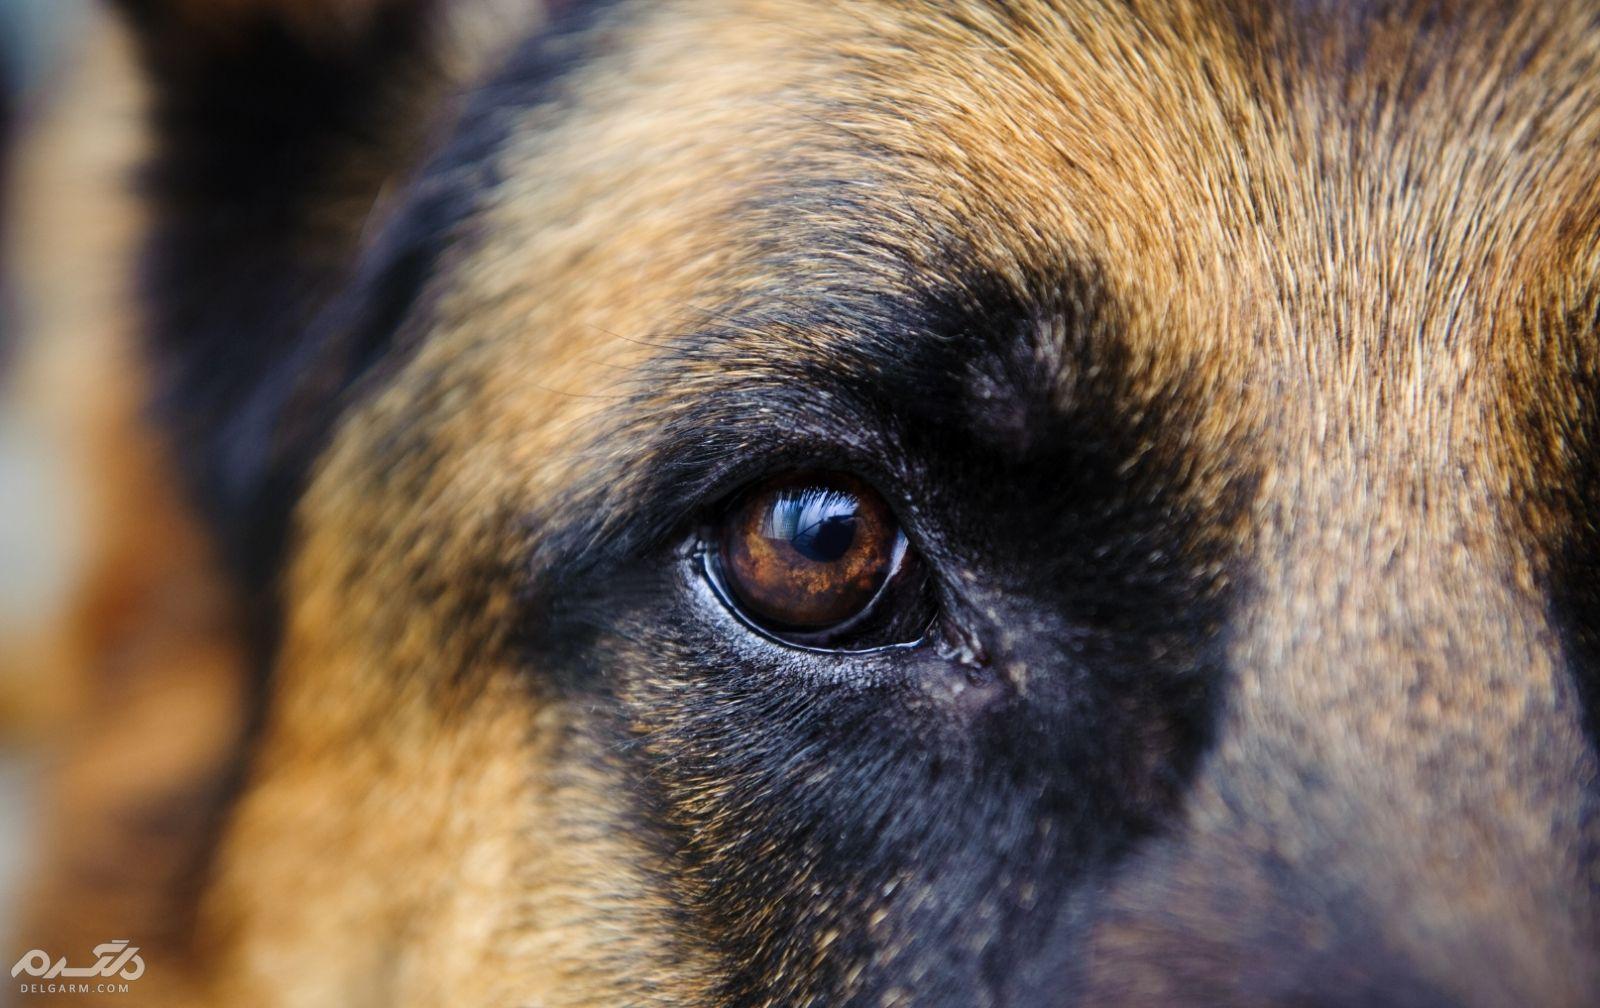 1 - آبریزش از چشم سگ (Watery Eyes)